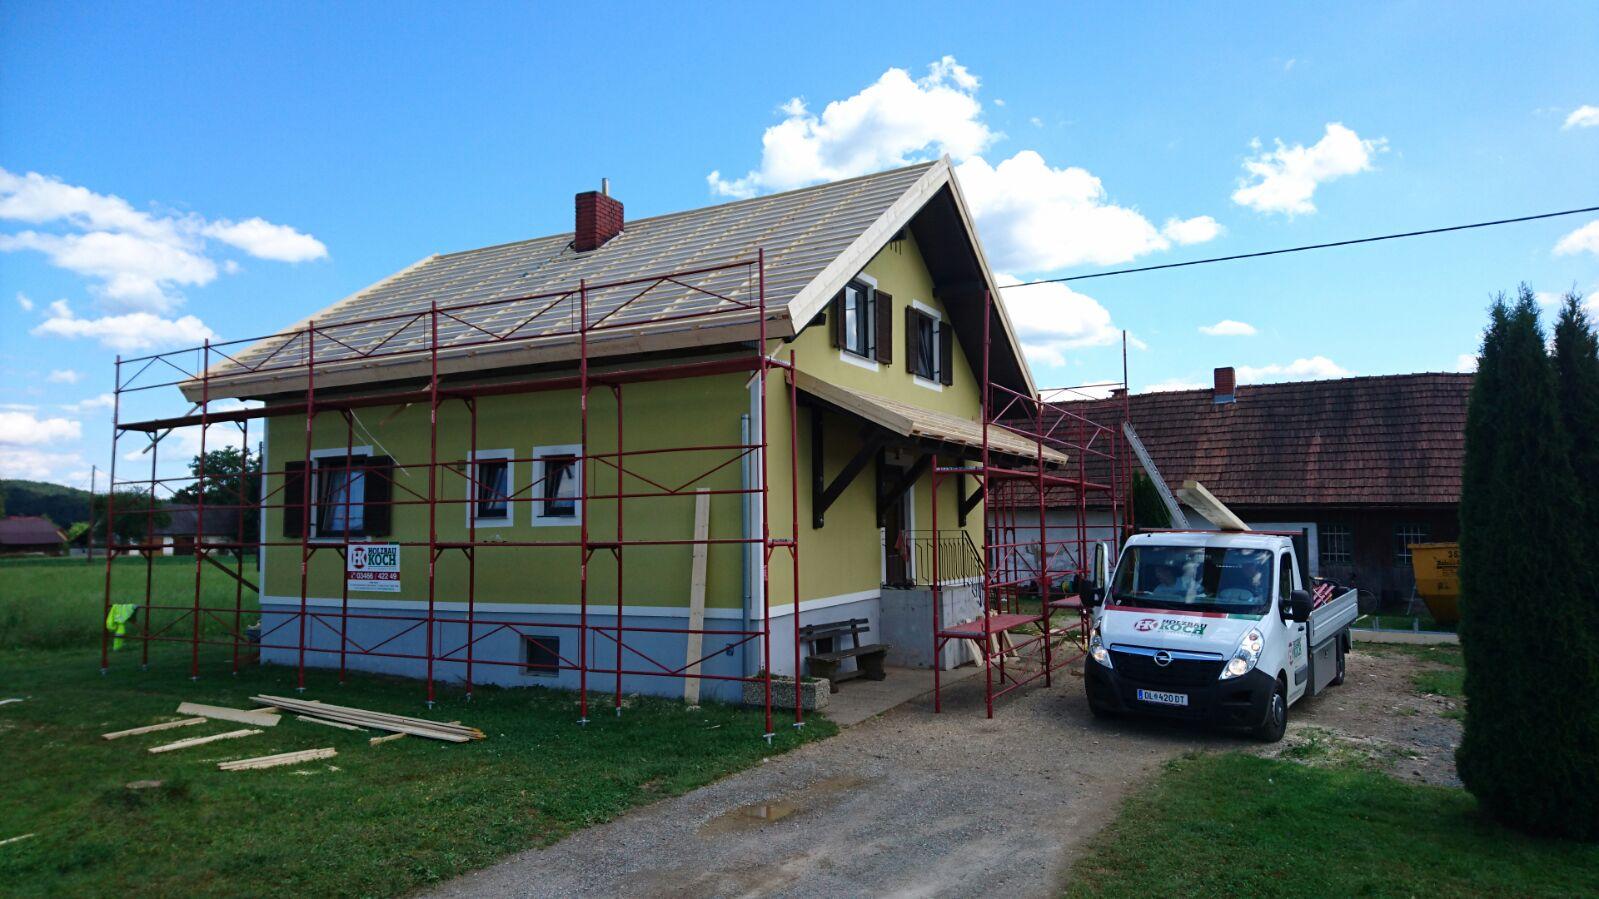 Dachsanierung - Verstäˆrken einer bestehenden Dachkonstruktion